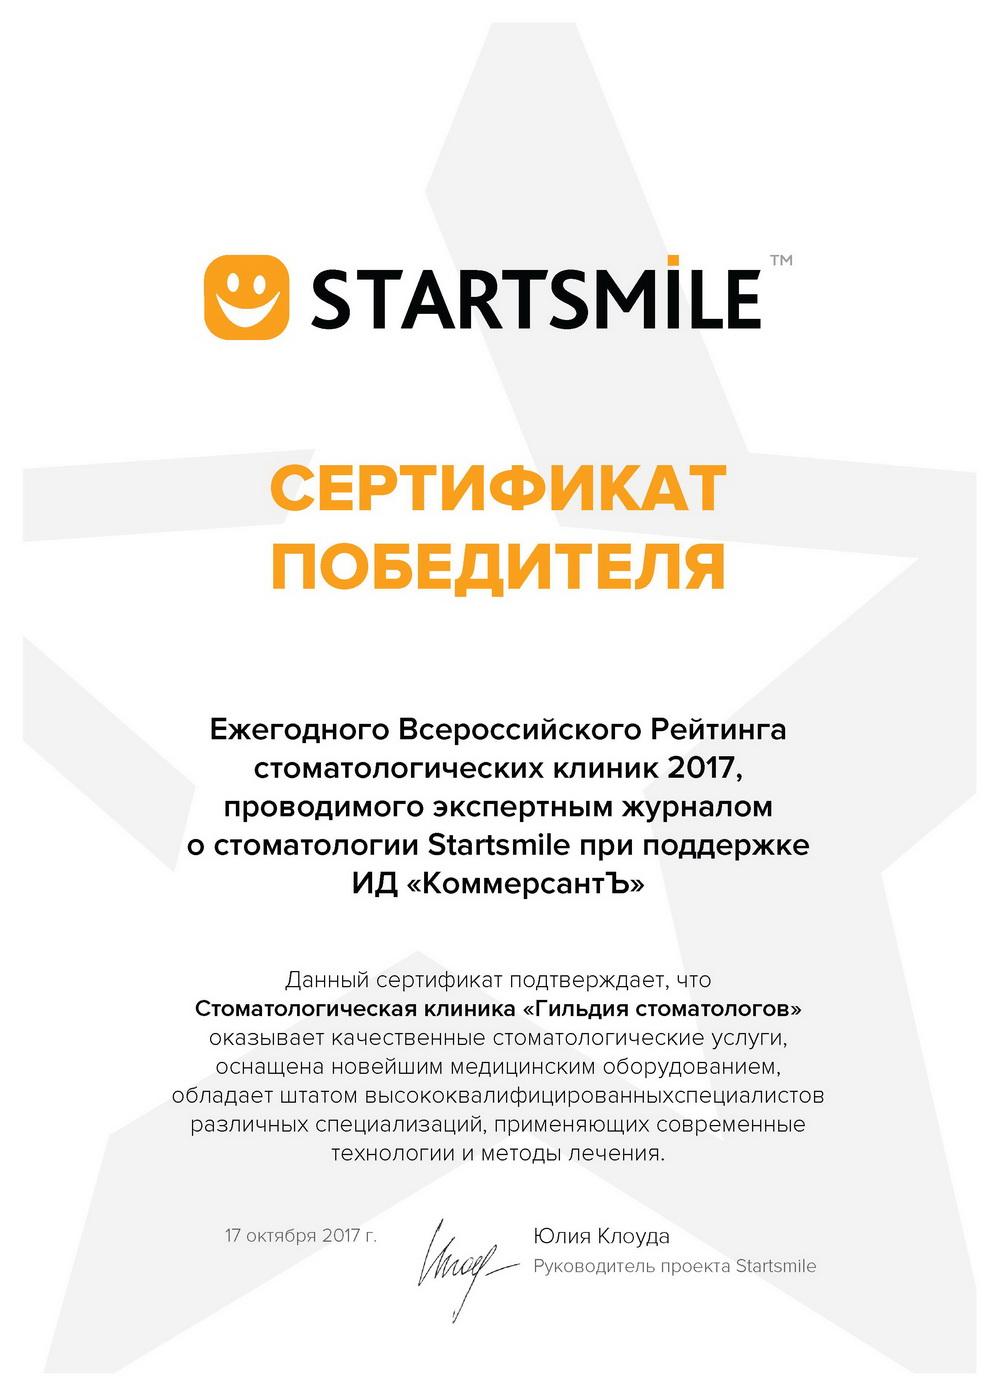 Сертификат победителя лучшая стоматология